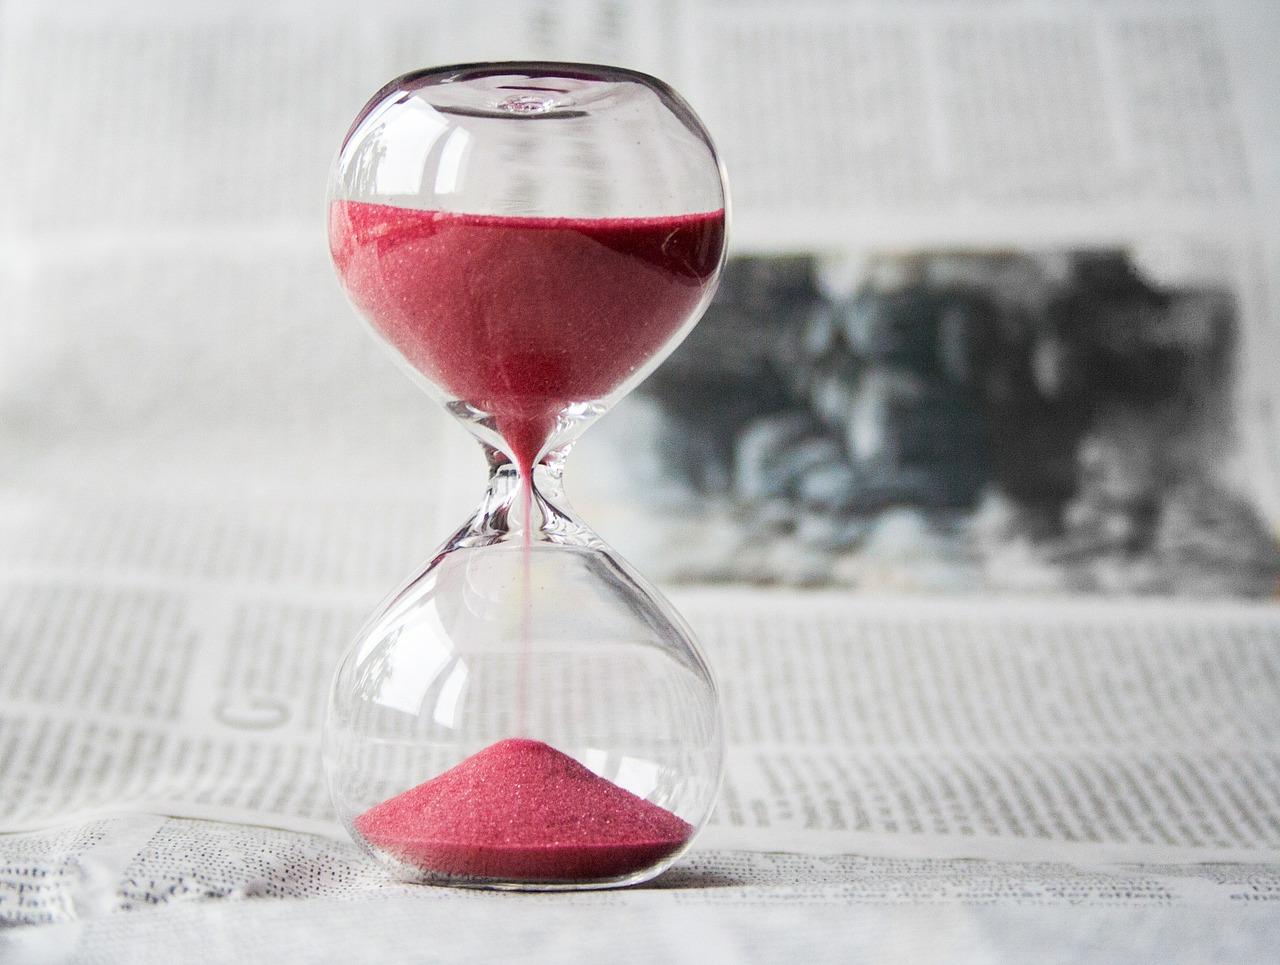 Rinviare a un altro momento, differire, rimandare: Procrastinare